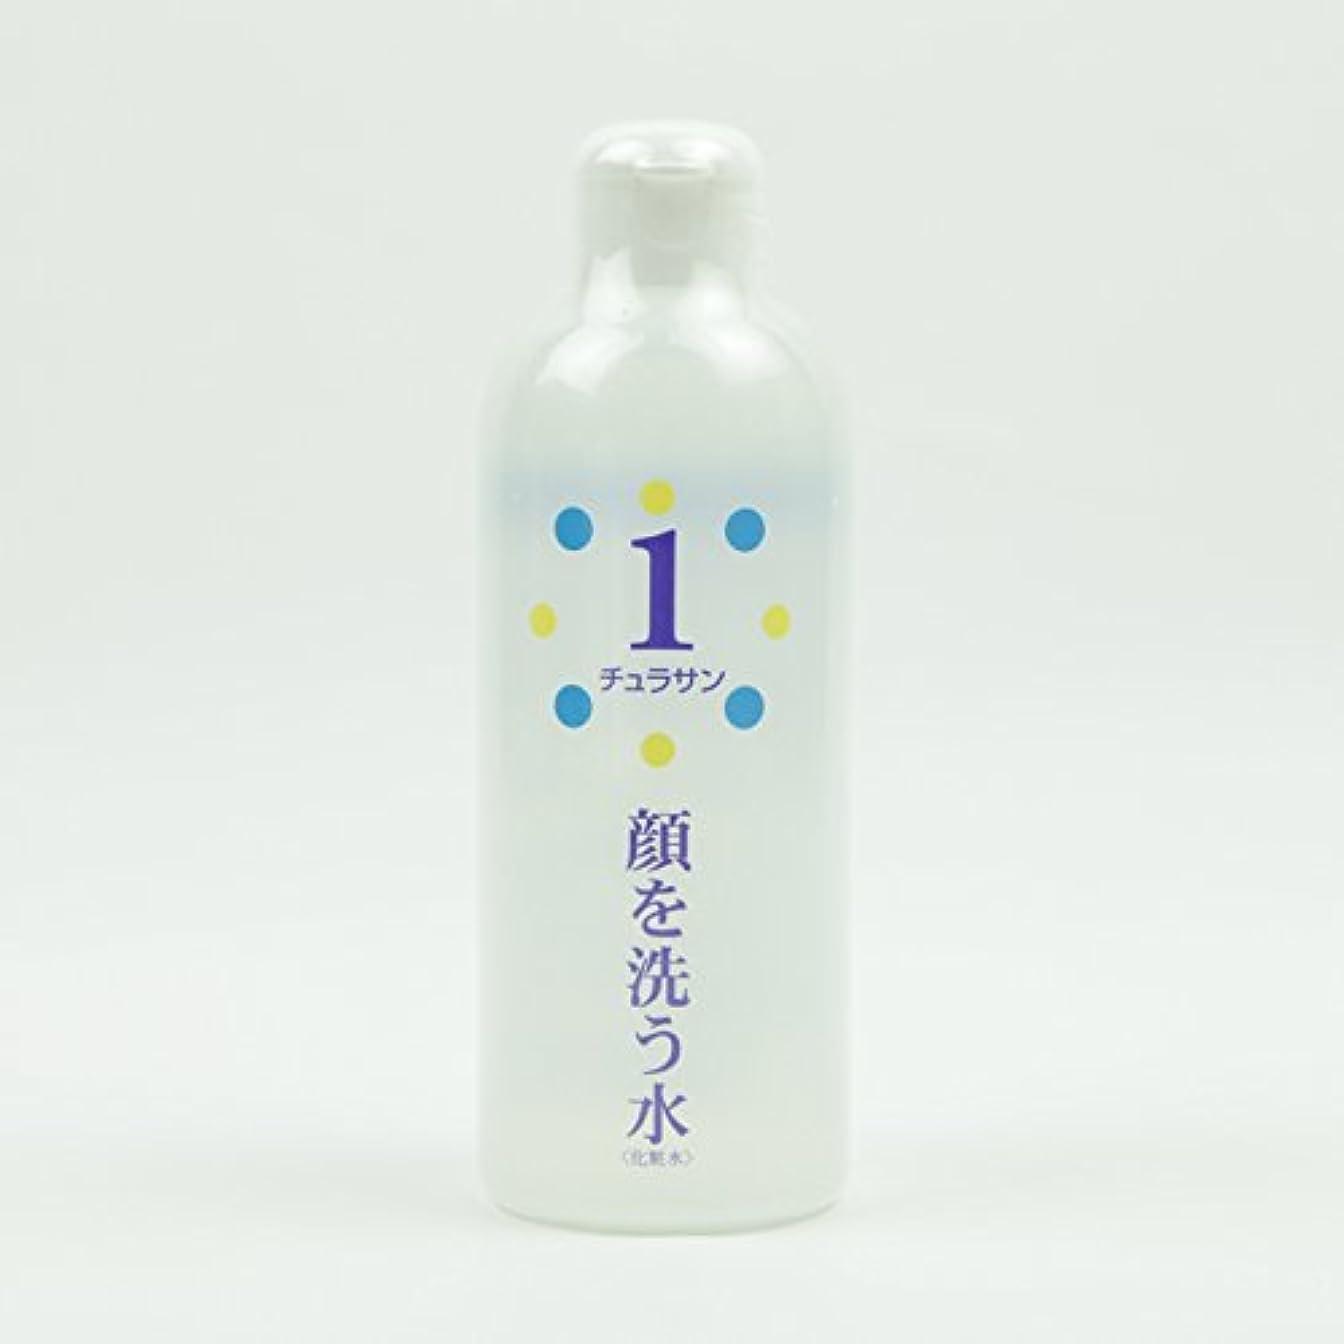 記憶に残るゲインセイ繁殖チュラサン1 【顔を洗う水】 250ml